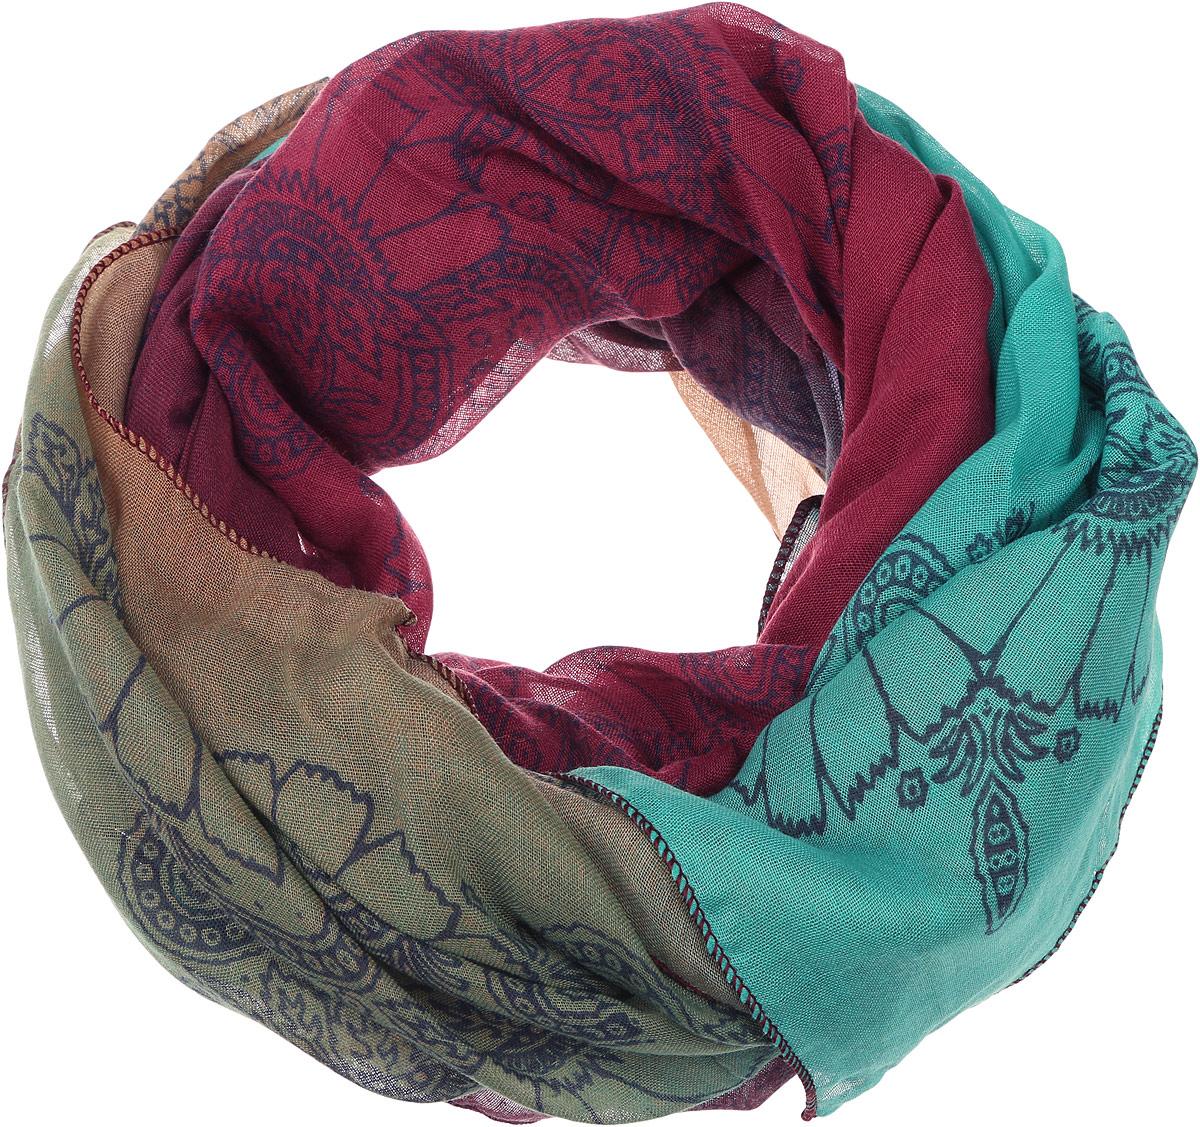 ПалантинYY-11675-11Элегантный палантин Sophie Ramage изготовлен из высококачественного модала с добавлением шелка. Оформлена модель стильным цветочным принтом. Палантин красиво драпируется, он превосходно дополнит любой наряд и подчеркнет ваш изысканный вкус.